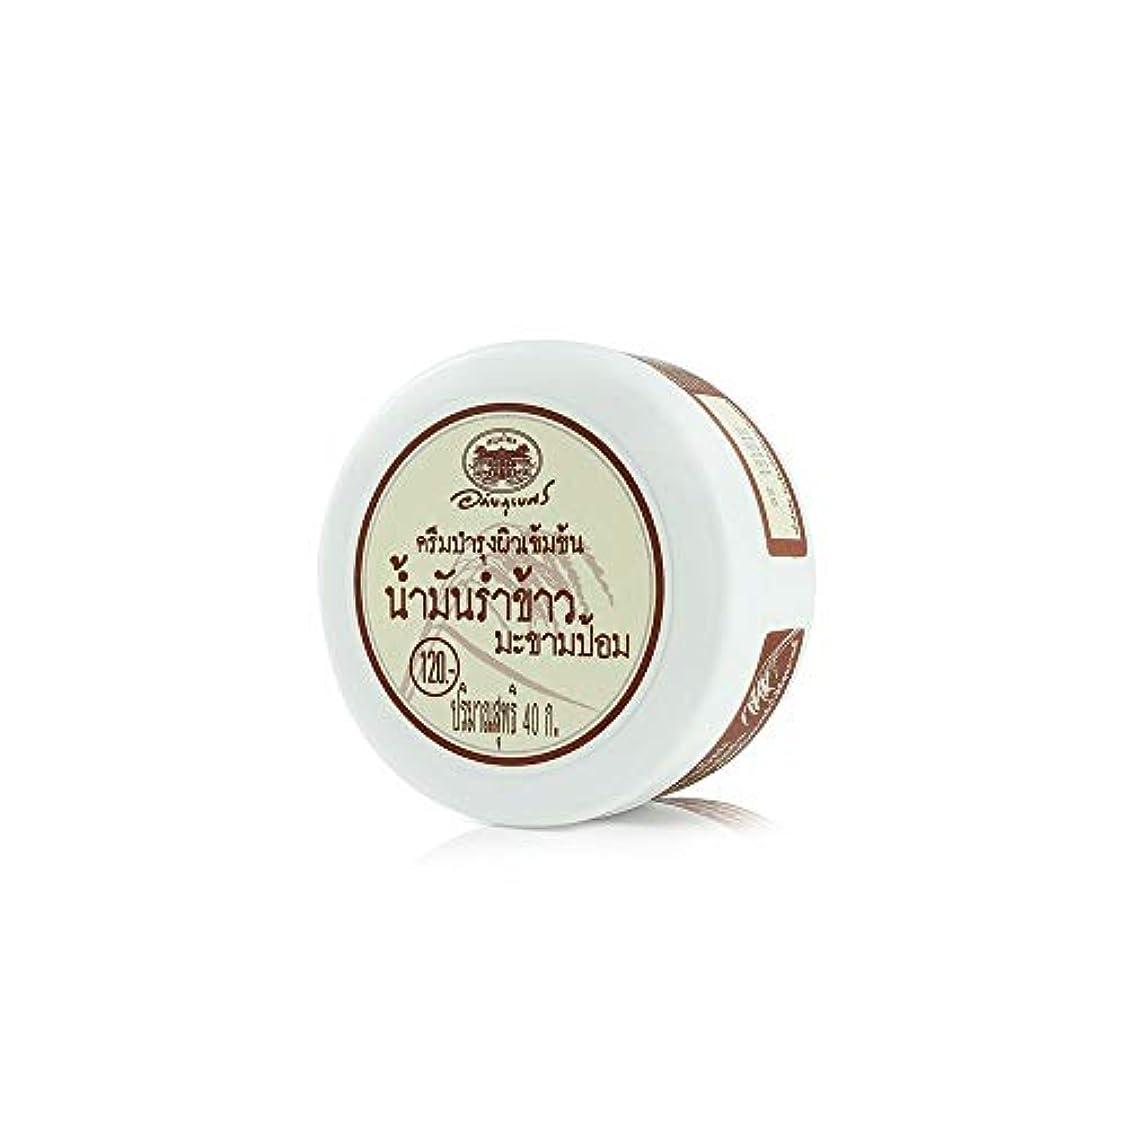 対抗誘導意外Abhaibhubejhr Rice Bran Oil Plus Tamarind Extract Herbal Body Cream 40g. Abhaibhubejhrライスブランオイルプラスタマリンドエクストラクトハーブボディクリーム...